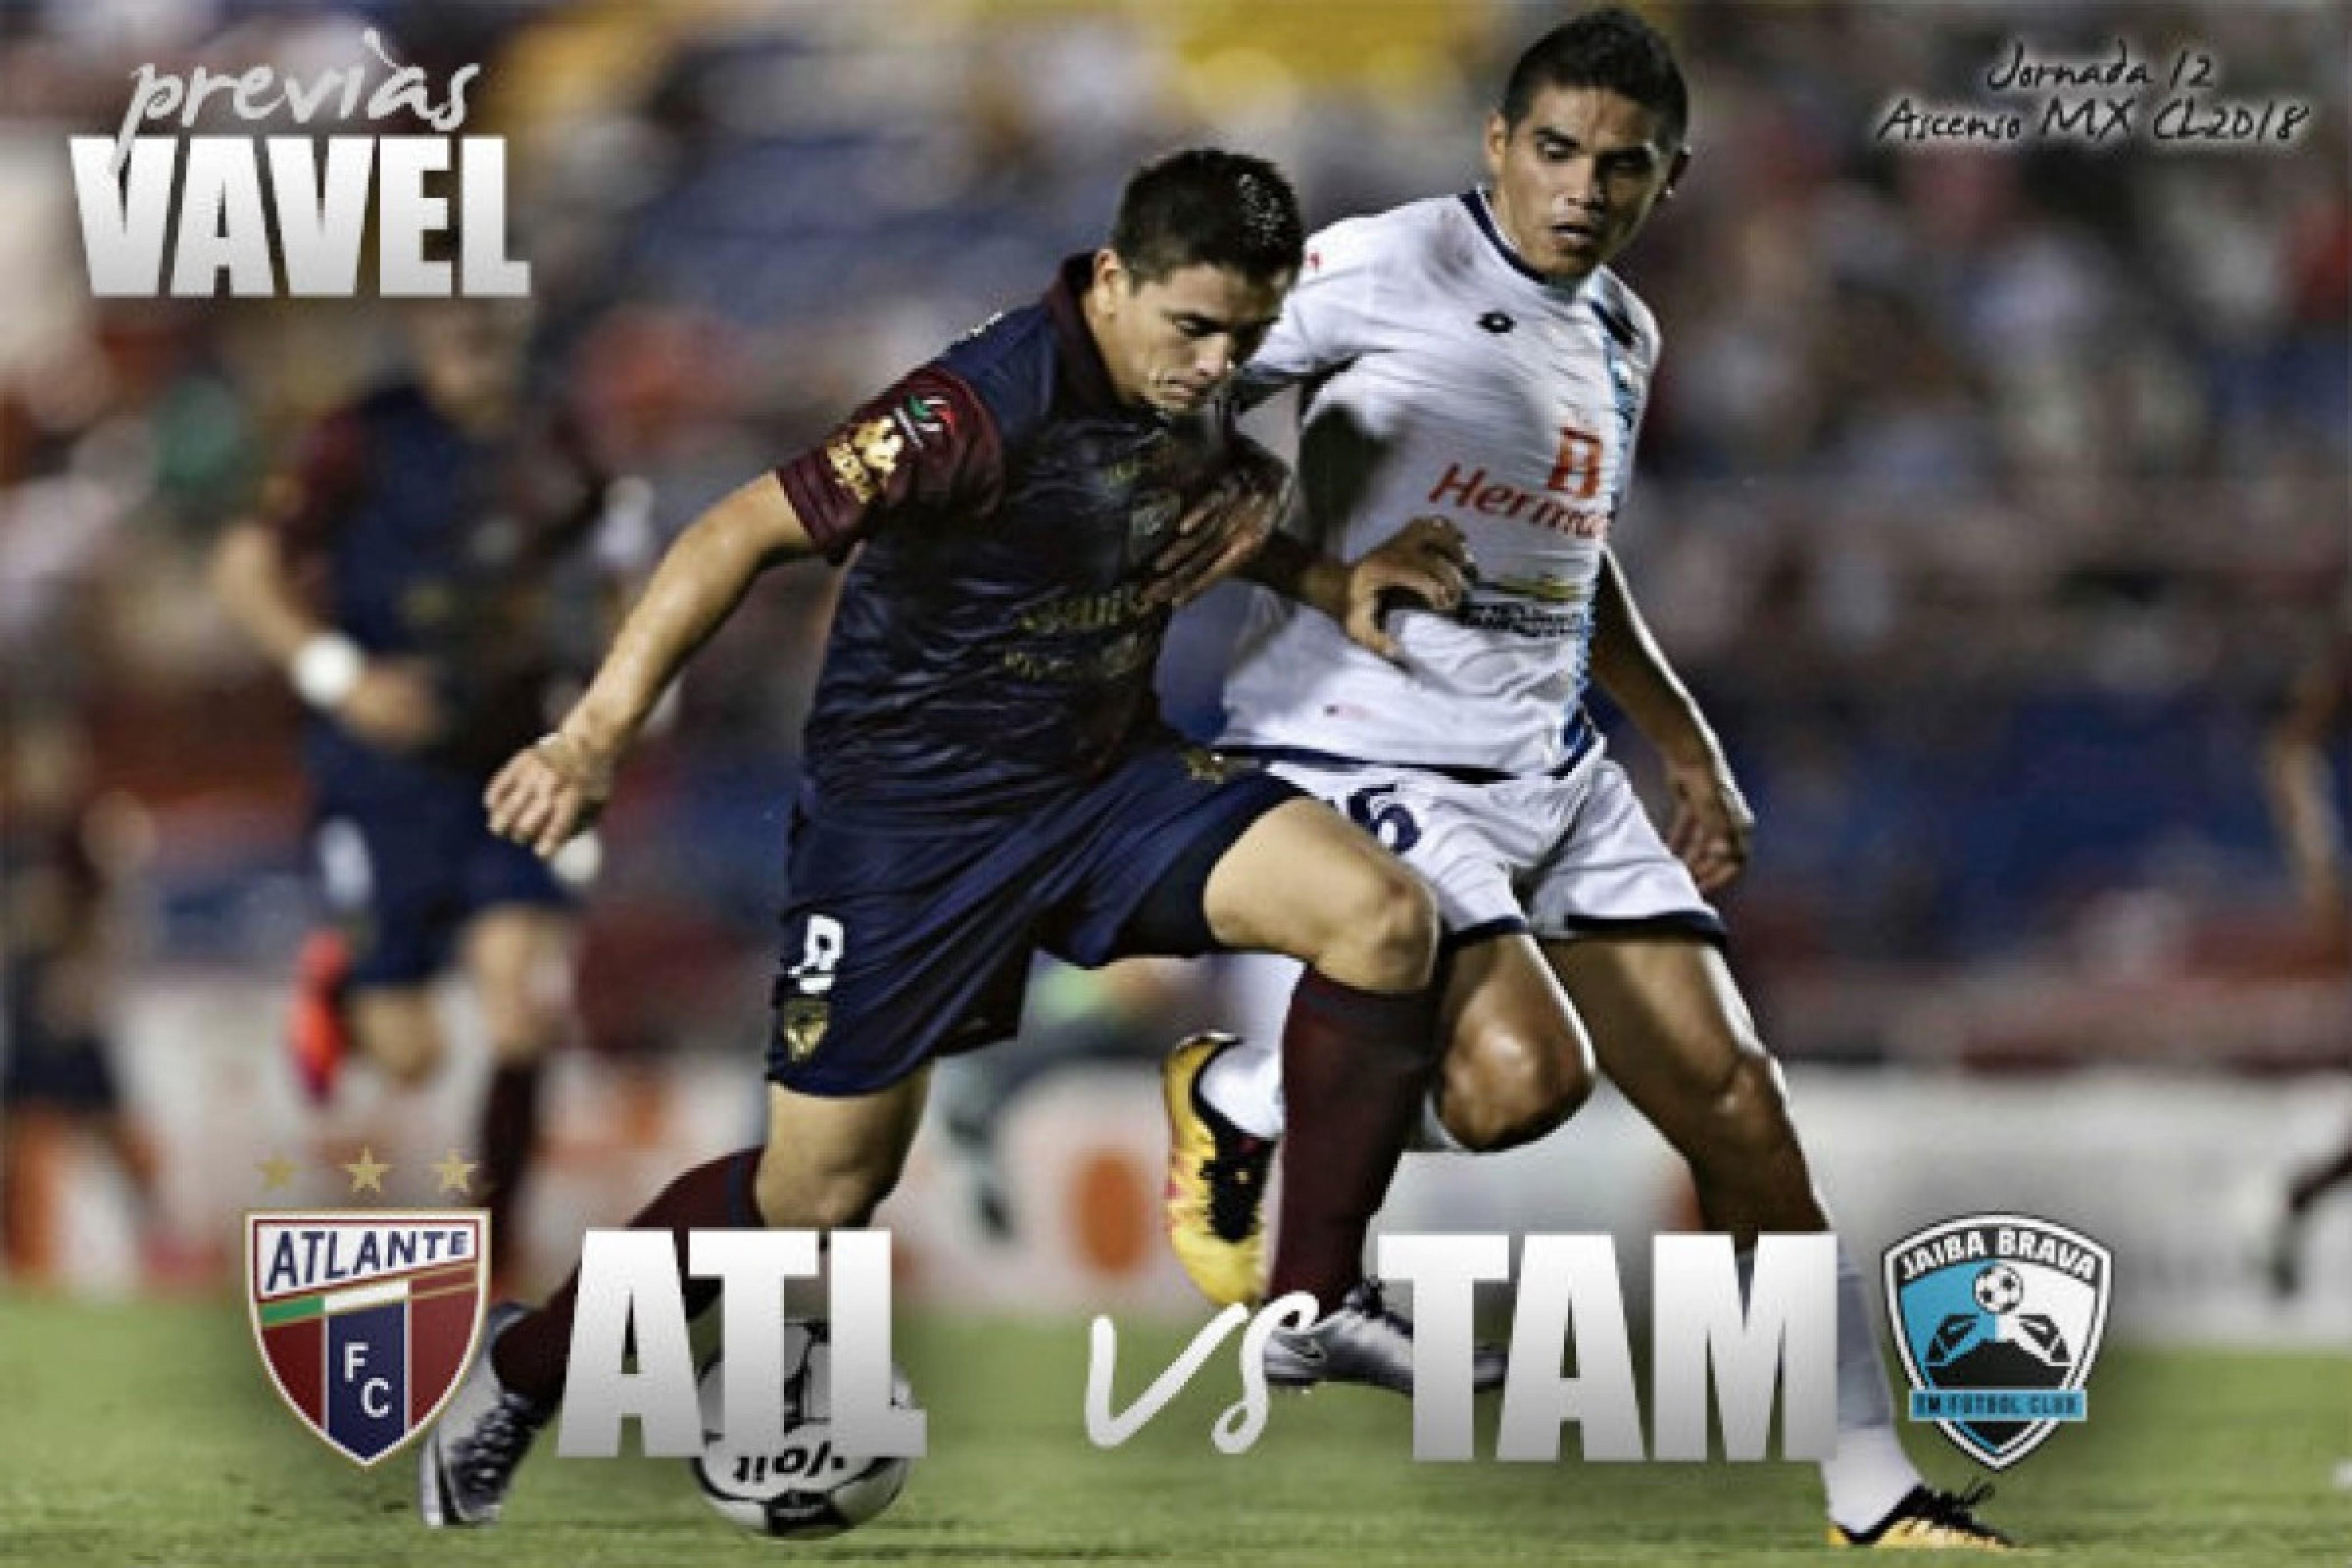 Previa Atlante - Tampico Madero: enderezar el trote